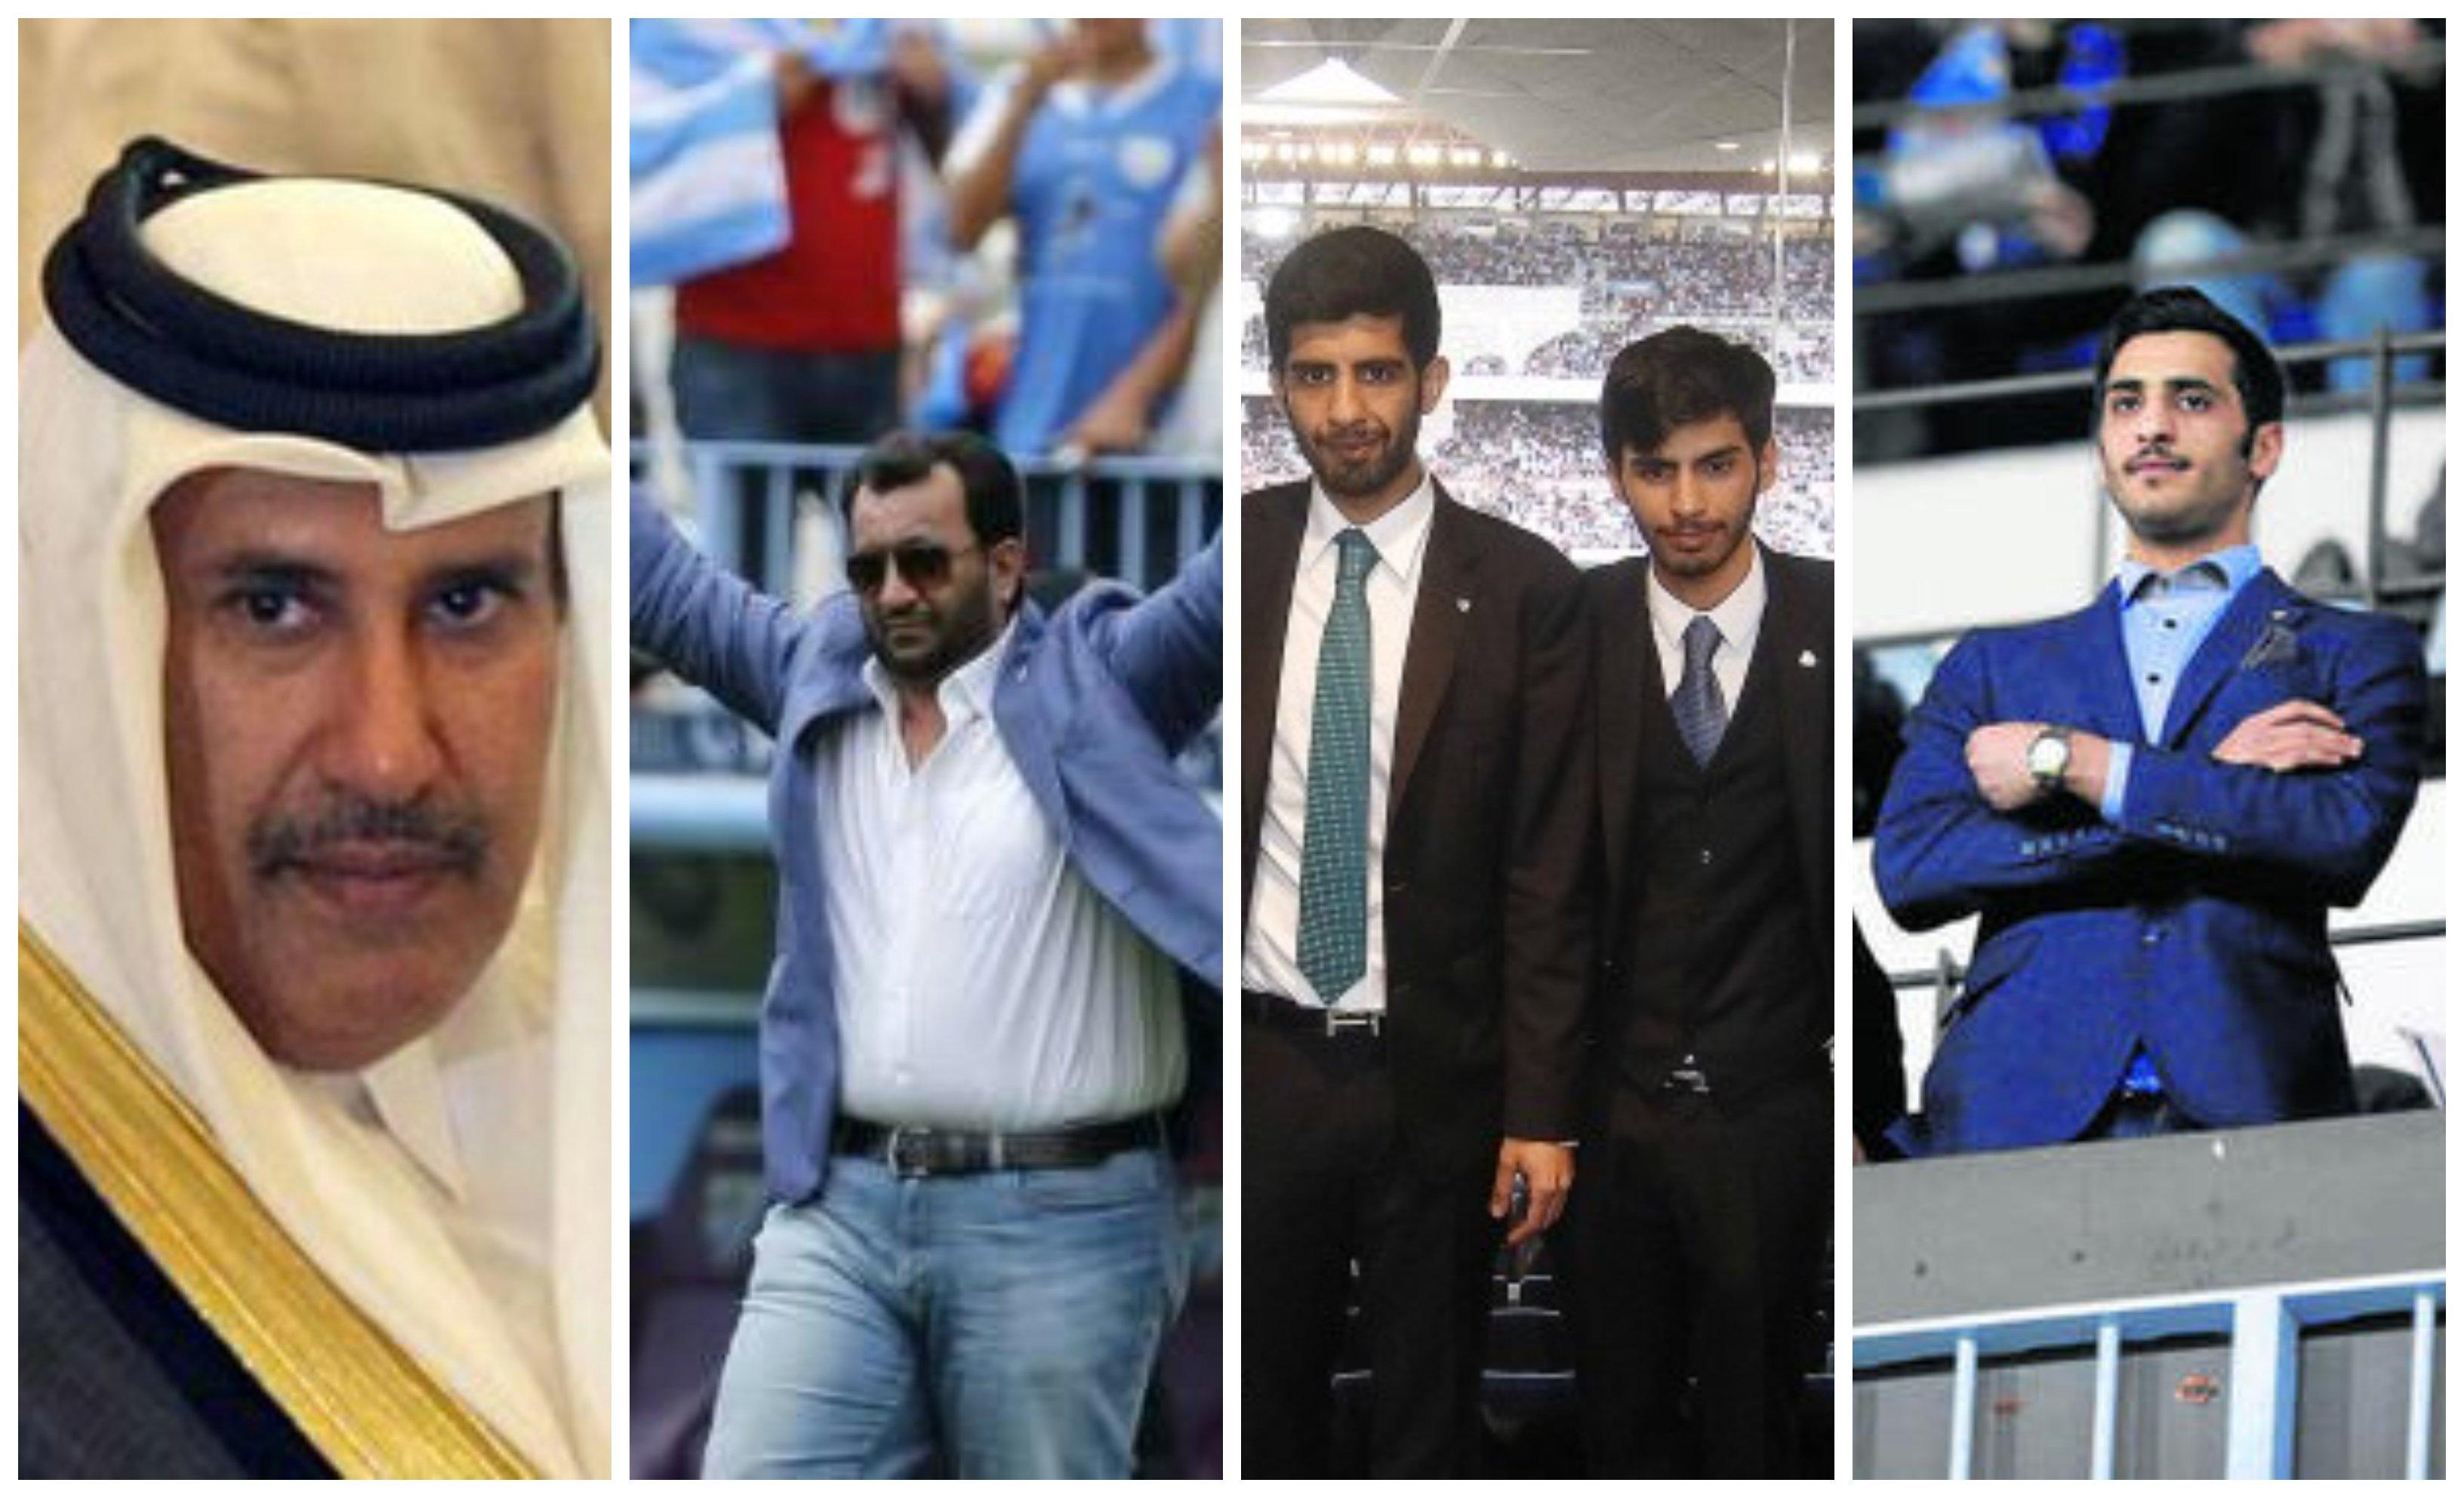 Hamad Bin Jassim Bin Jaber Al Thani, su hijo Abdullah Al-Thani (presidente del Málaga CF) y los hijos de éste, el vicepresidente del club Sheikh Nasser Al Thani y los consejeros Nayef Al Thani y Rakkan Al Thani